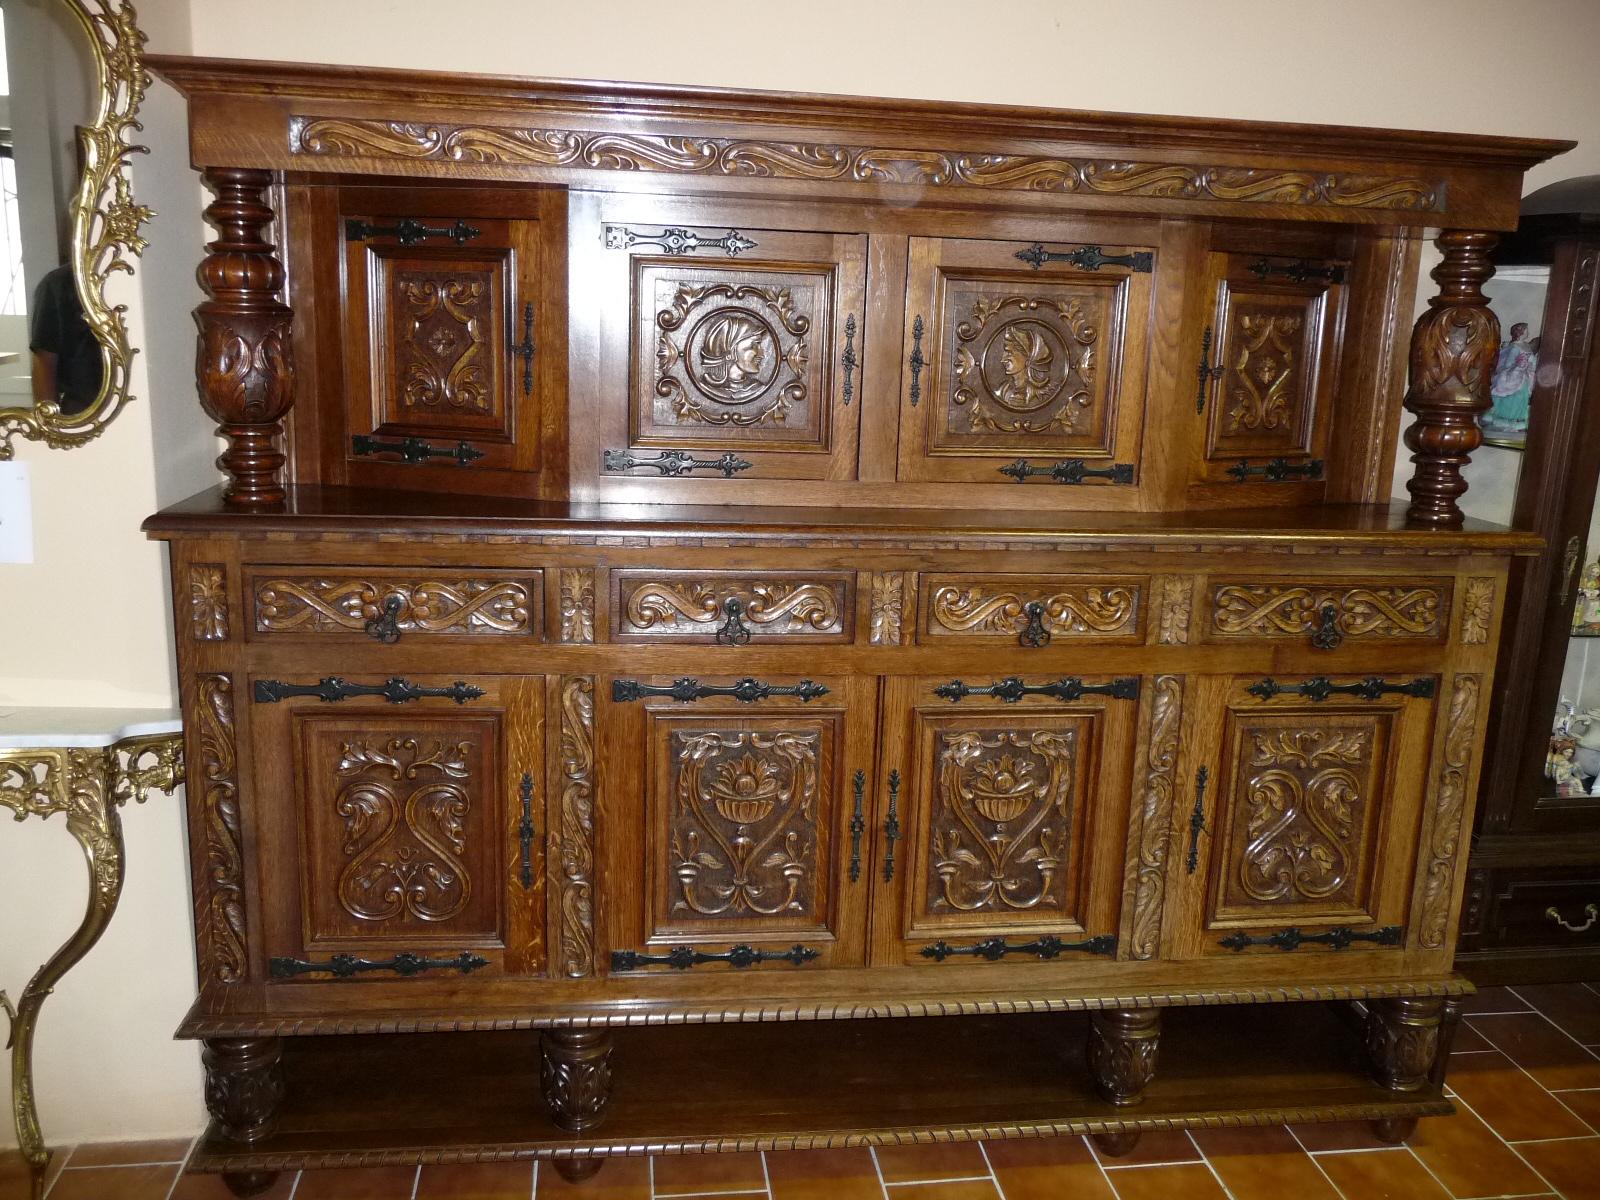 Prodej starého a stylového nábytku, antik, historický.